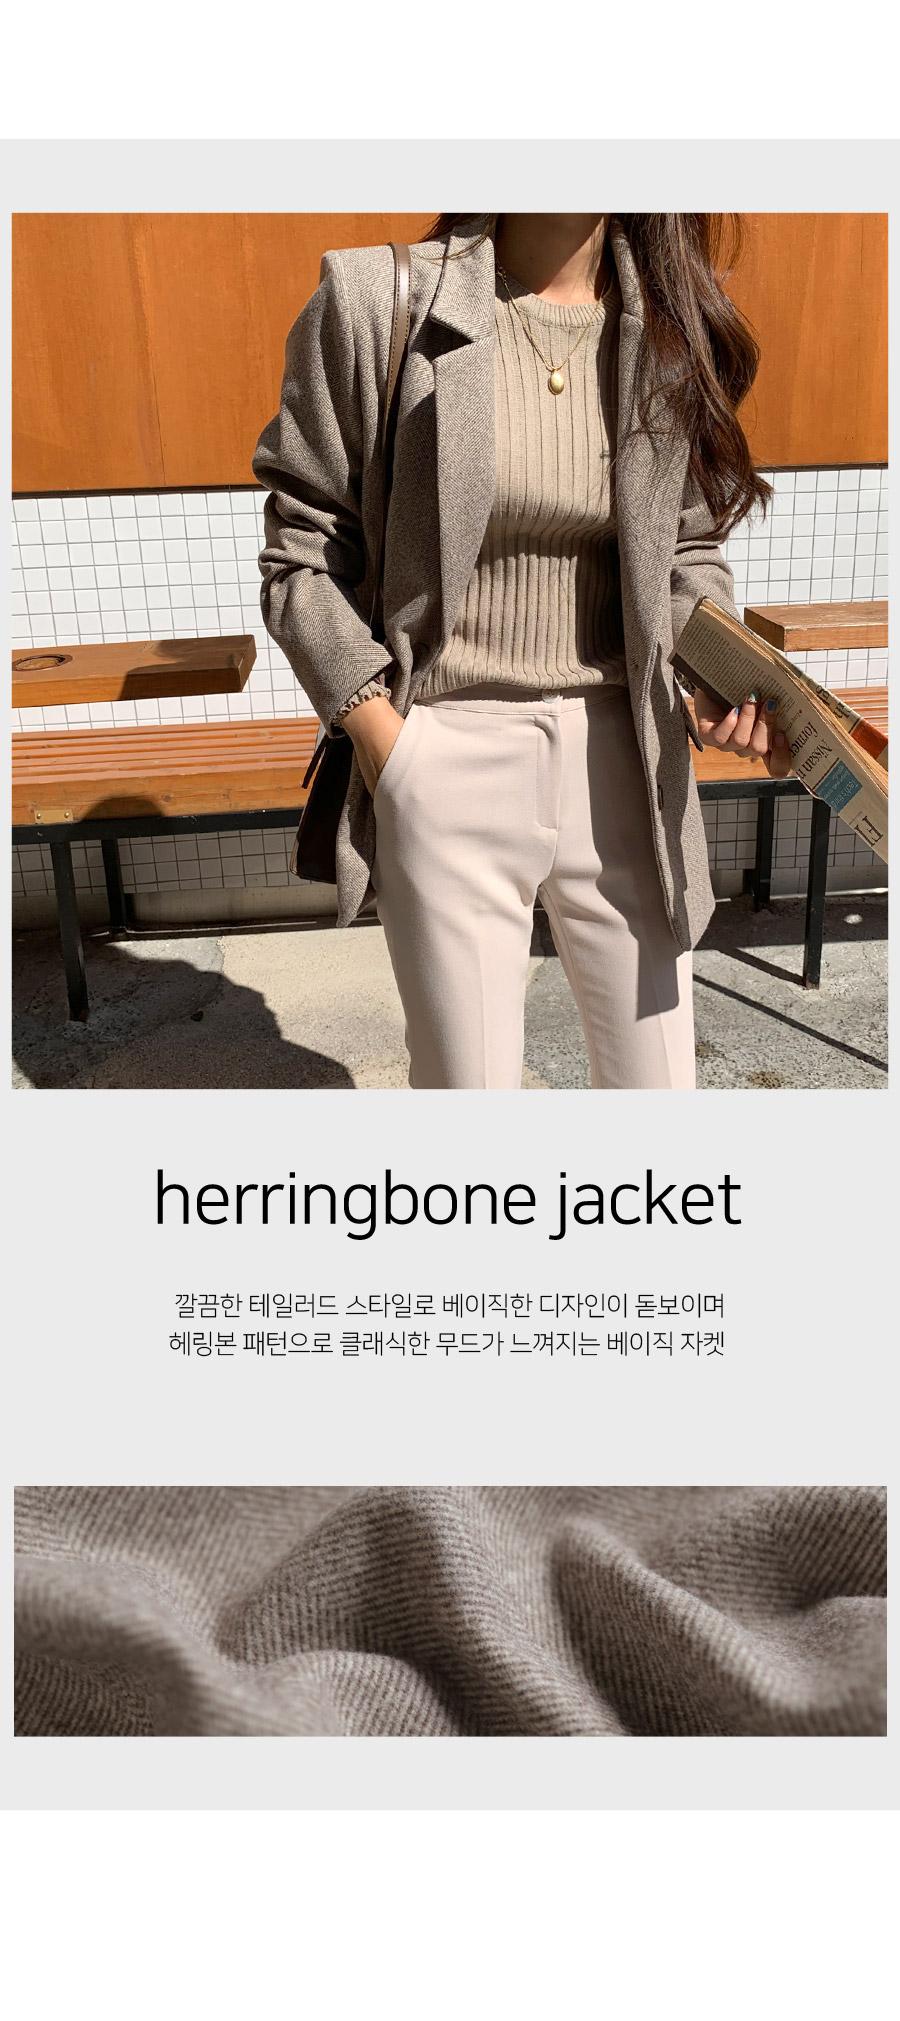 Beheringbone Basic Jacket